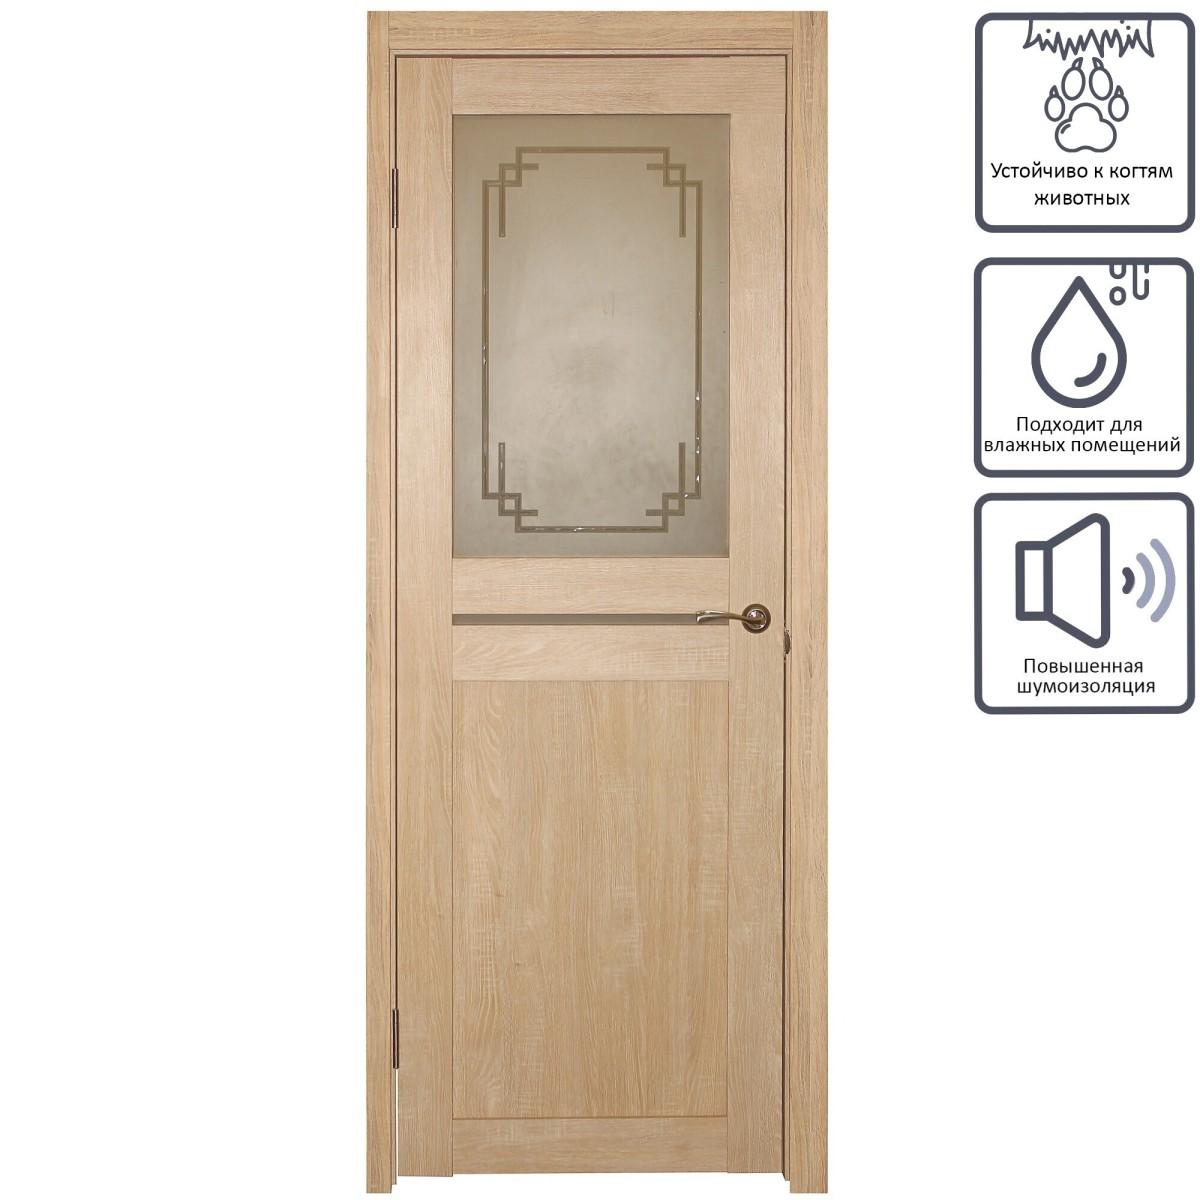 Дверь Межкомнатная Остеклённая Artens Леона 90x200 Цвет Натуральный Дуб